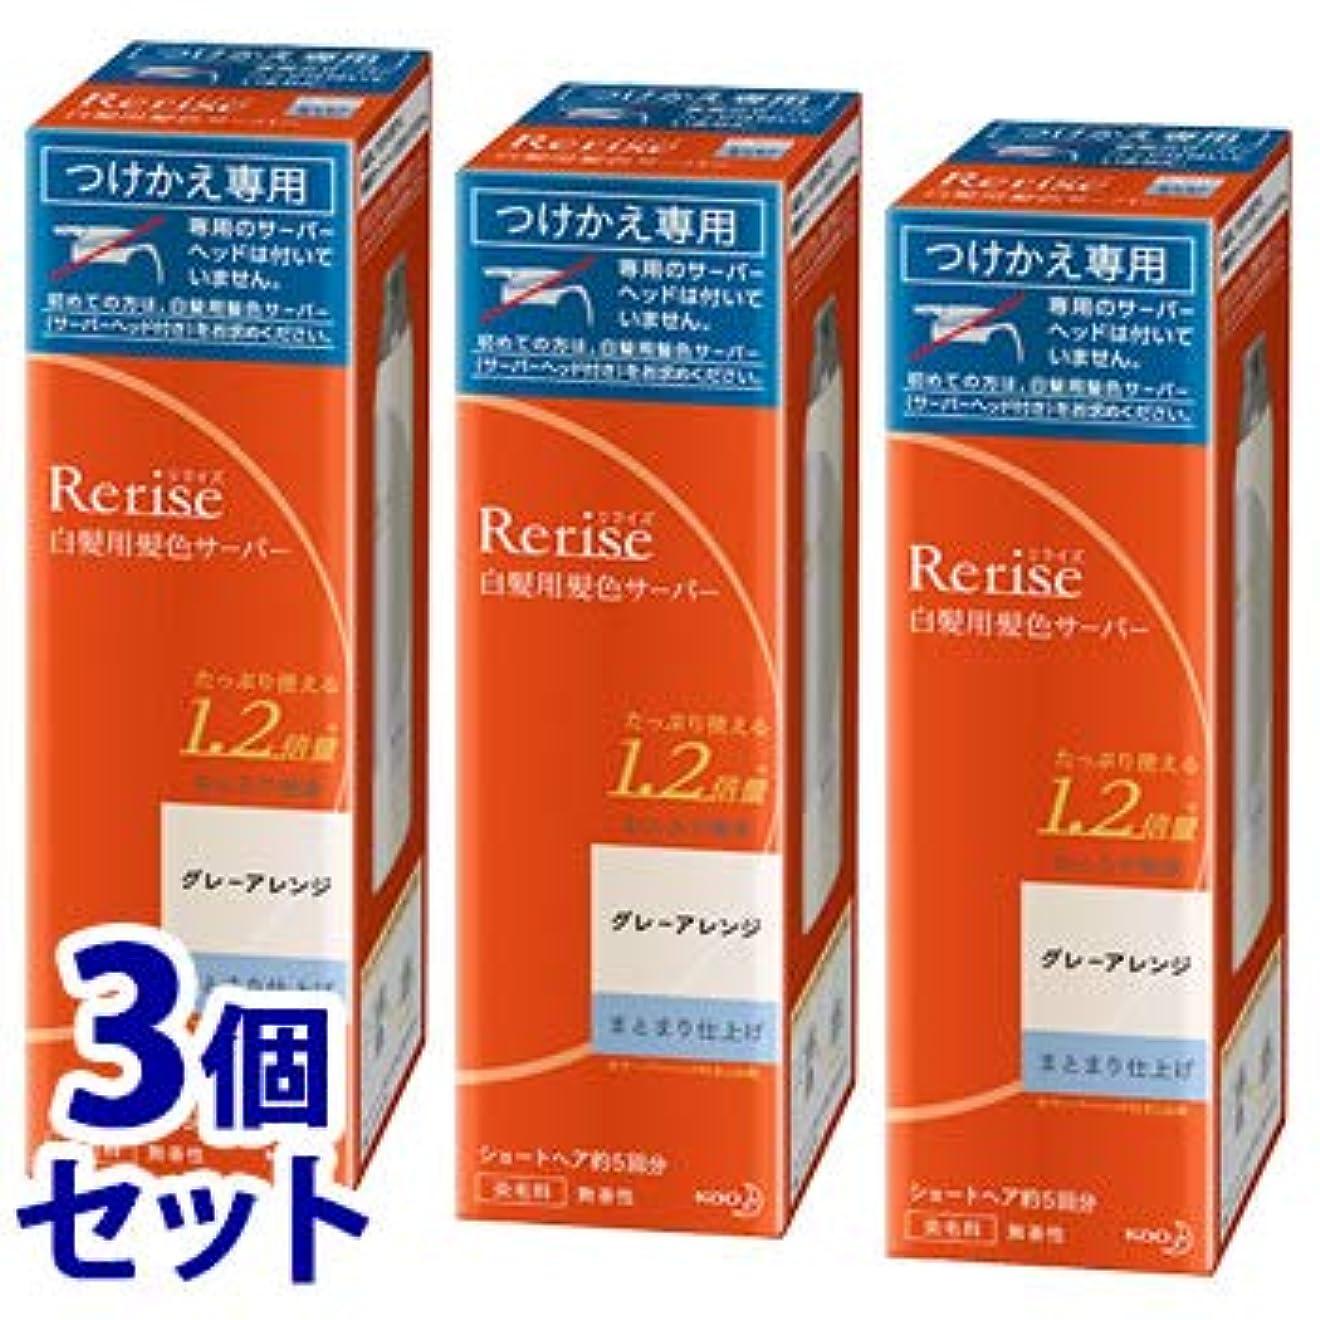 重さボタンパイント《セット販売》 花王 リライズ 白髪用髪色サーバー グレーアレンジ まとまり仕上げ つけかえ用 (190g)×3個セット 付け替え用 染毛料